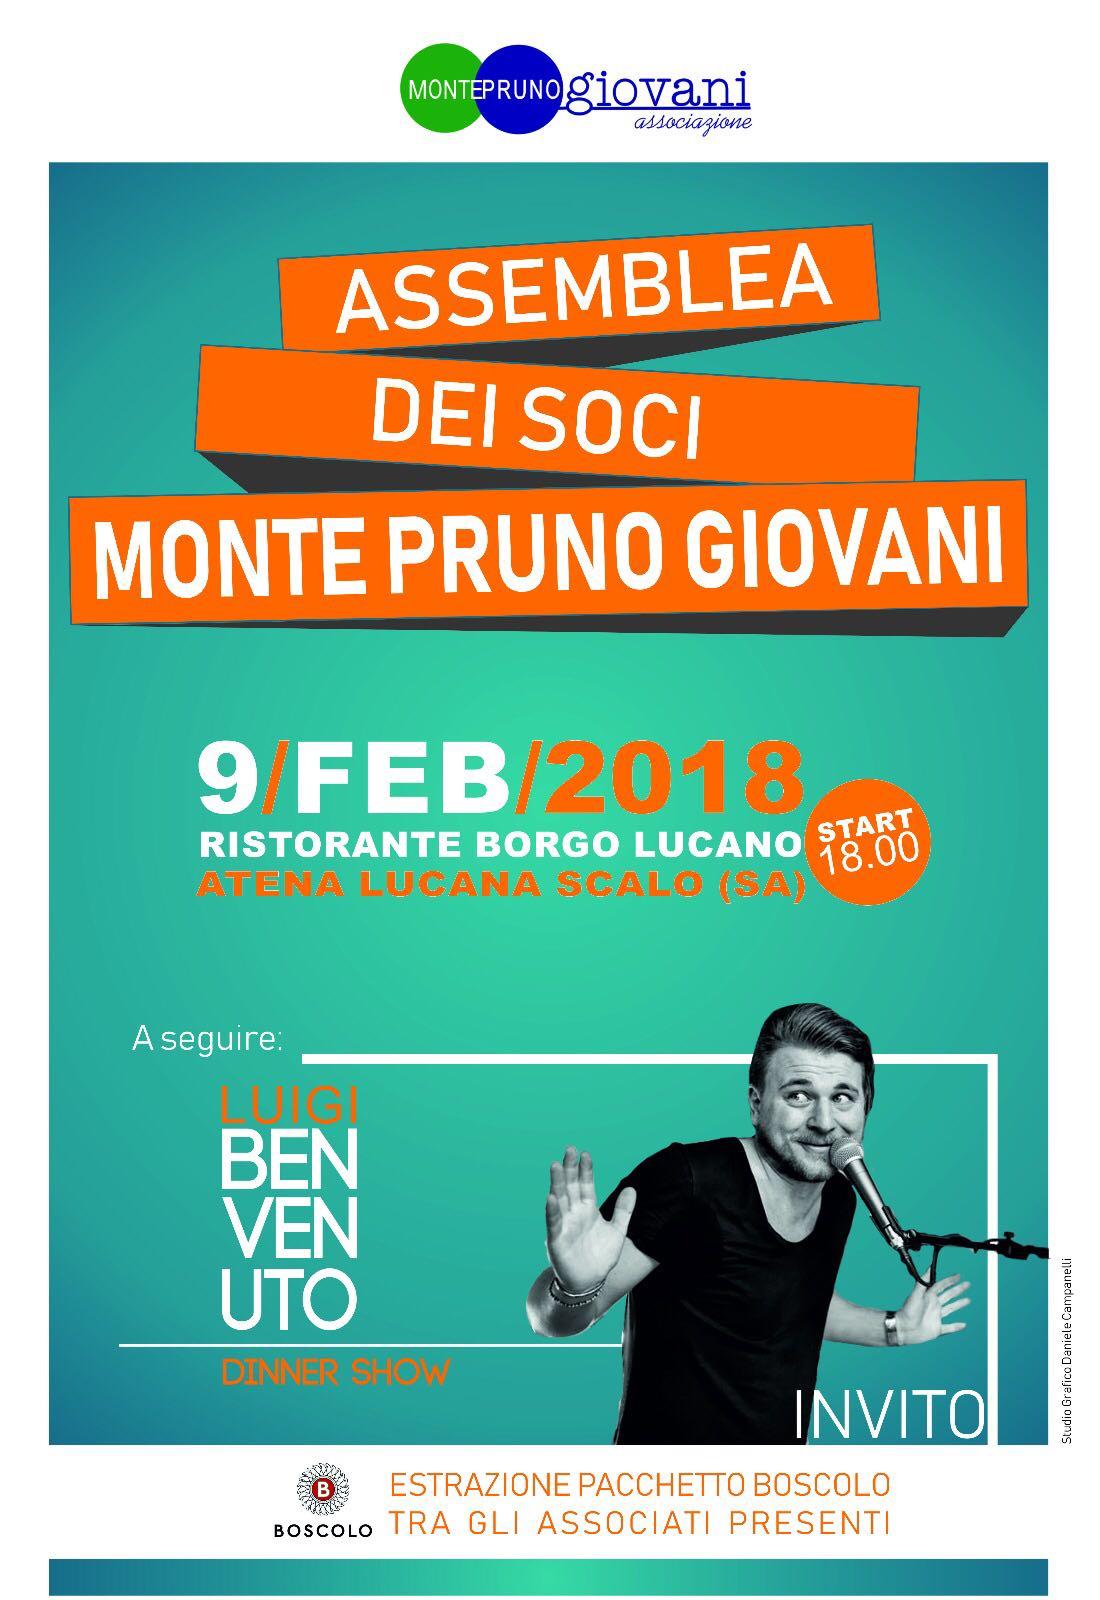 assemblea monte pruno giovani 10 febbraio 2018